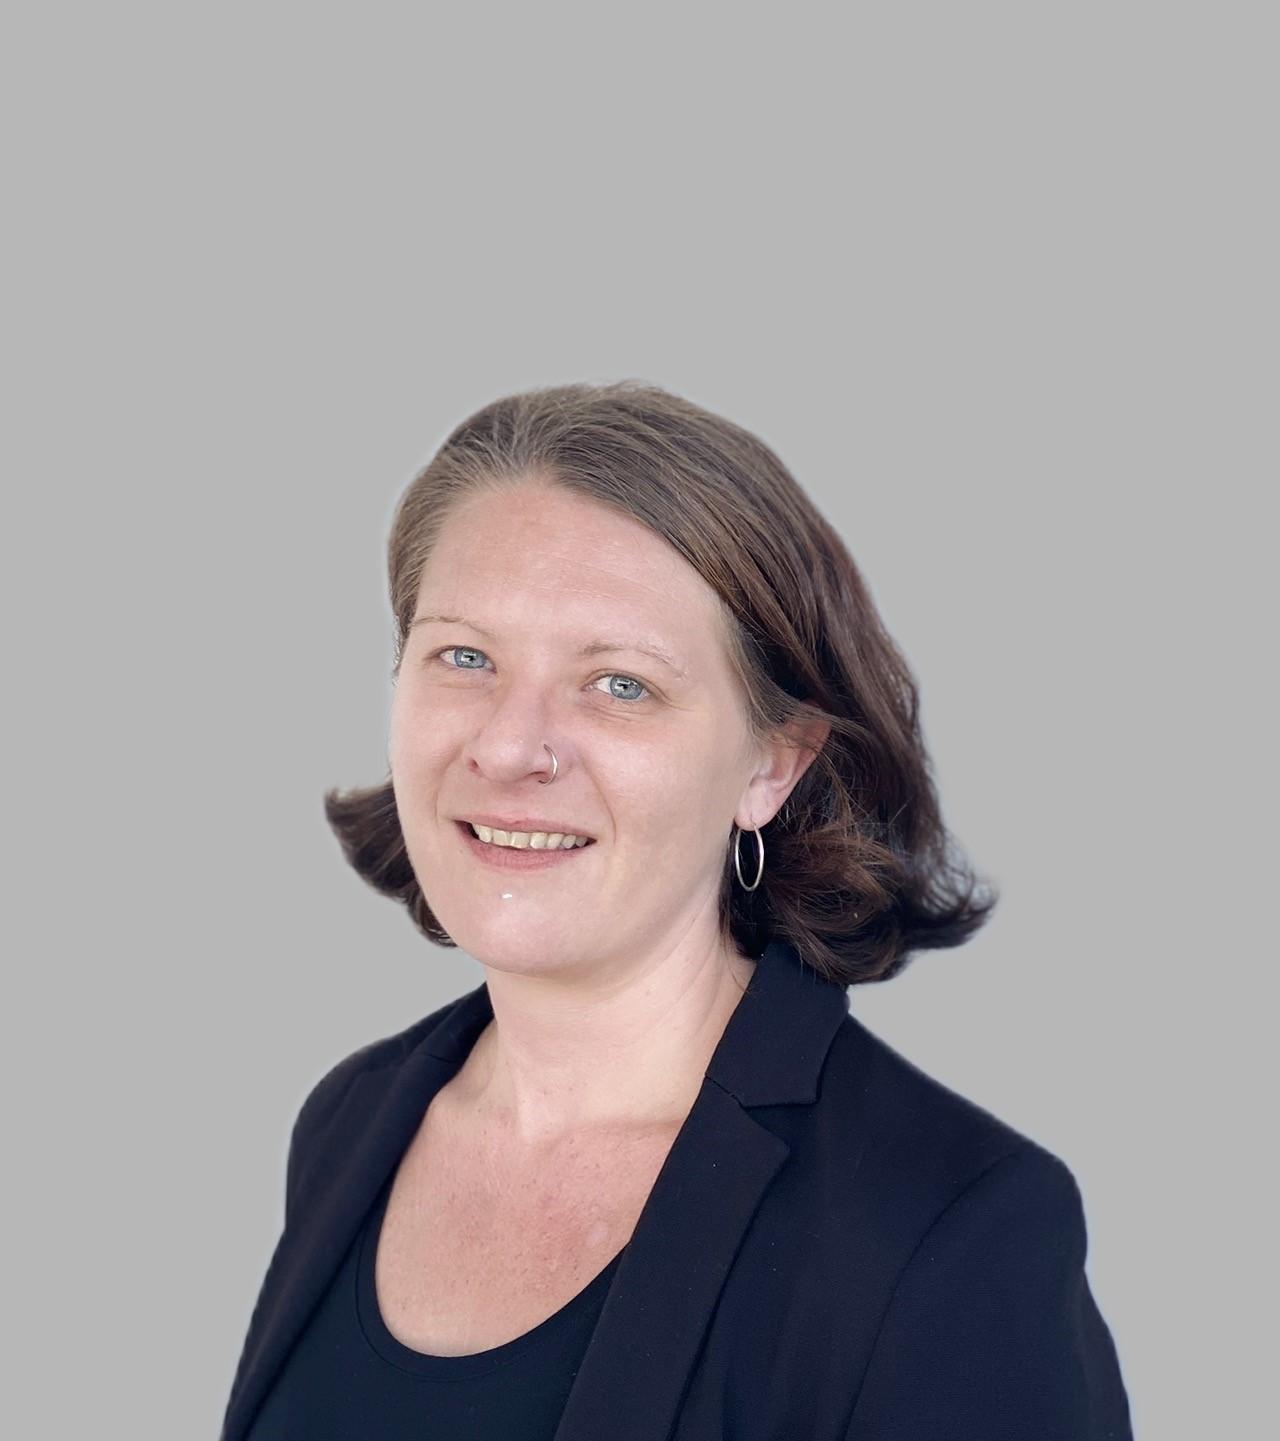 Megan Perry, Broadmeadow, ORS